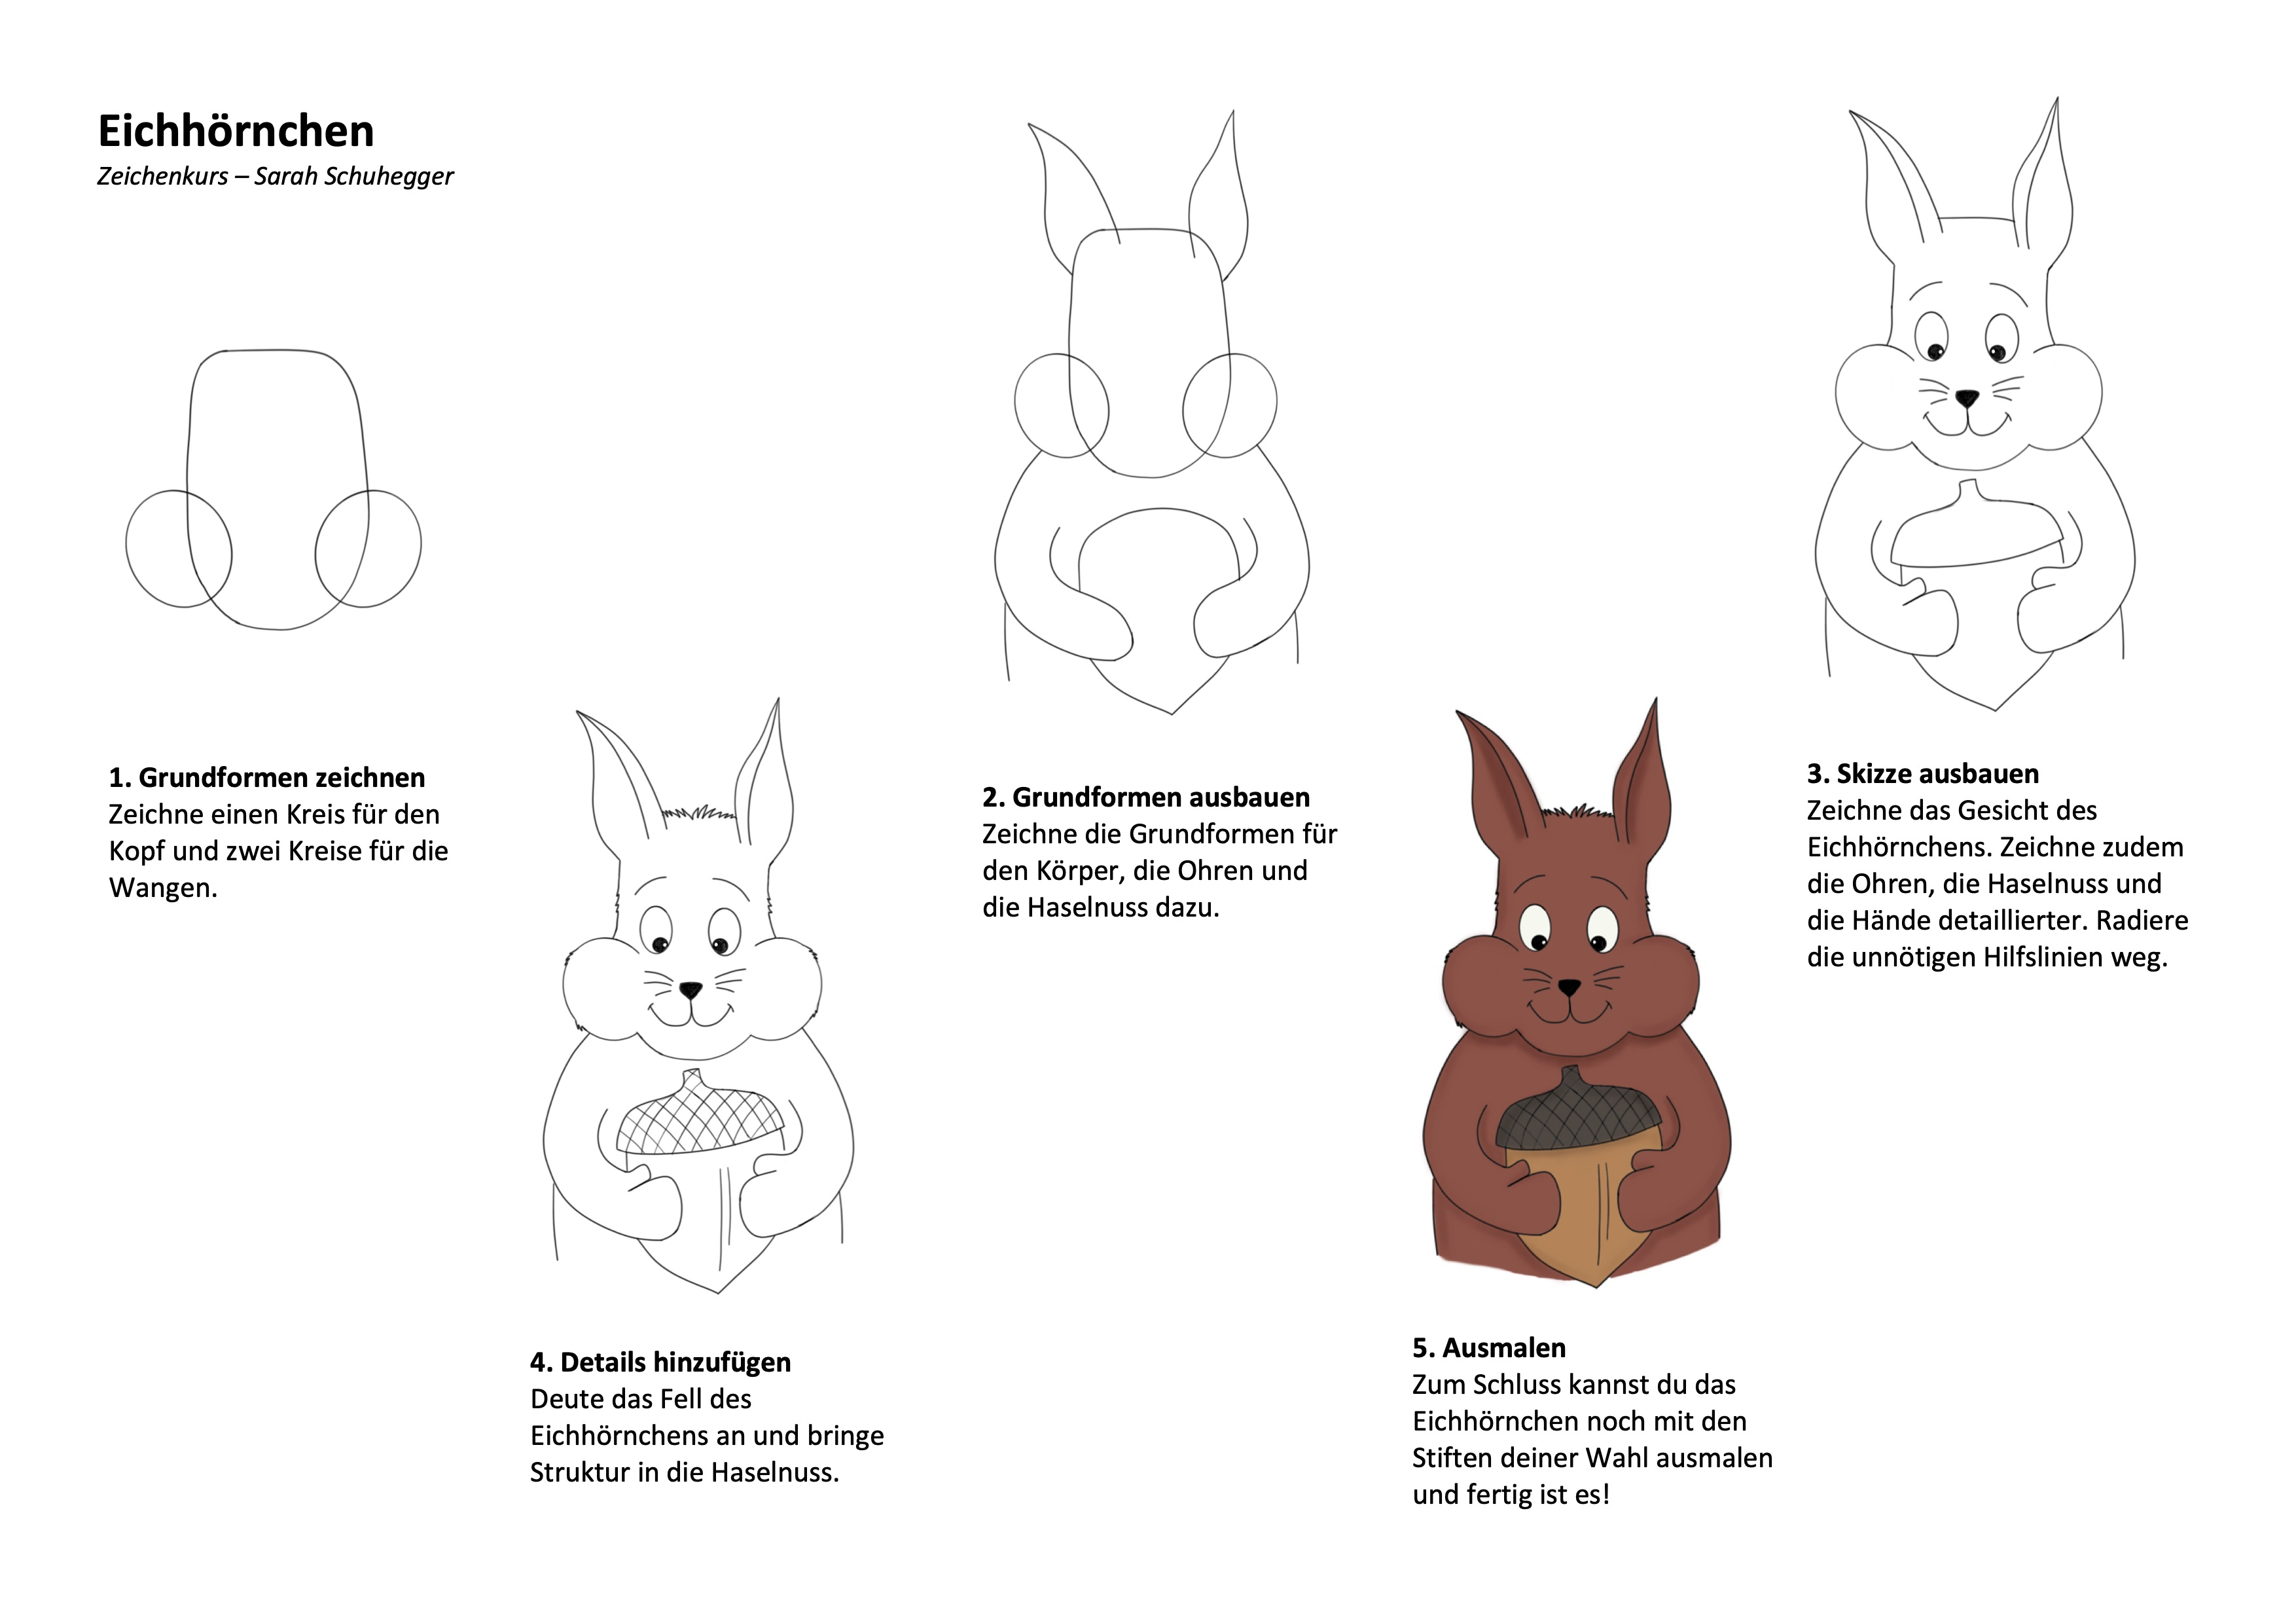 Eichhörnchen Zeichenanleitung